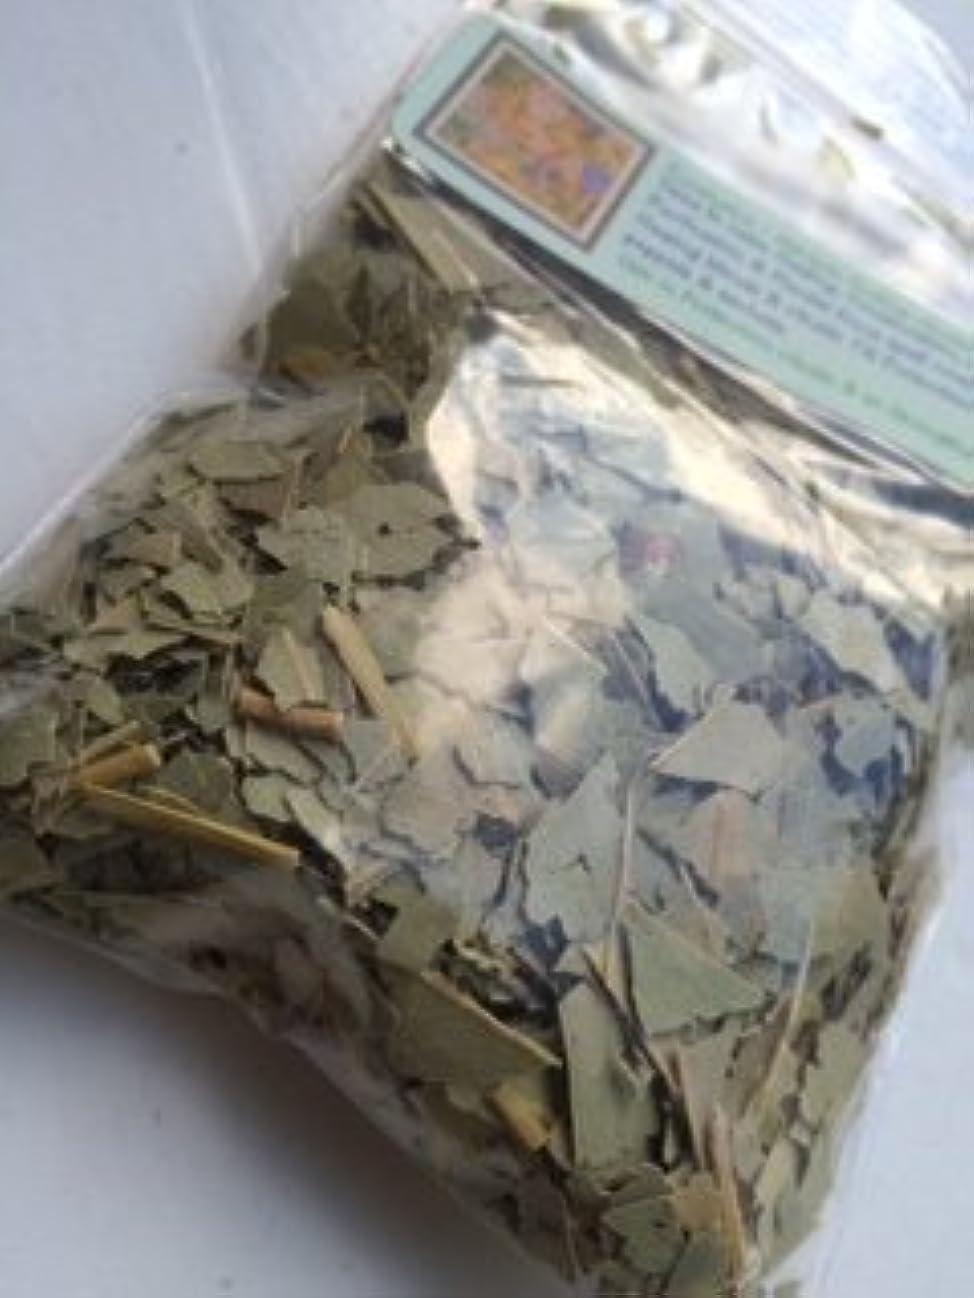 発音競うブロックするDried Herb ~ 1 oz ~ユーカリカットリーフ~ Ravenz Roost Dried Herbs with special Info Onラベル